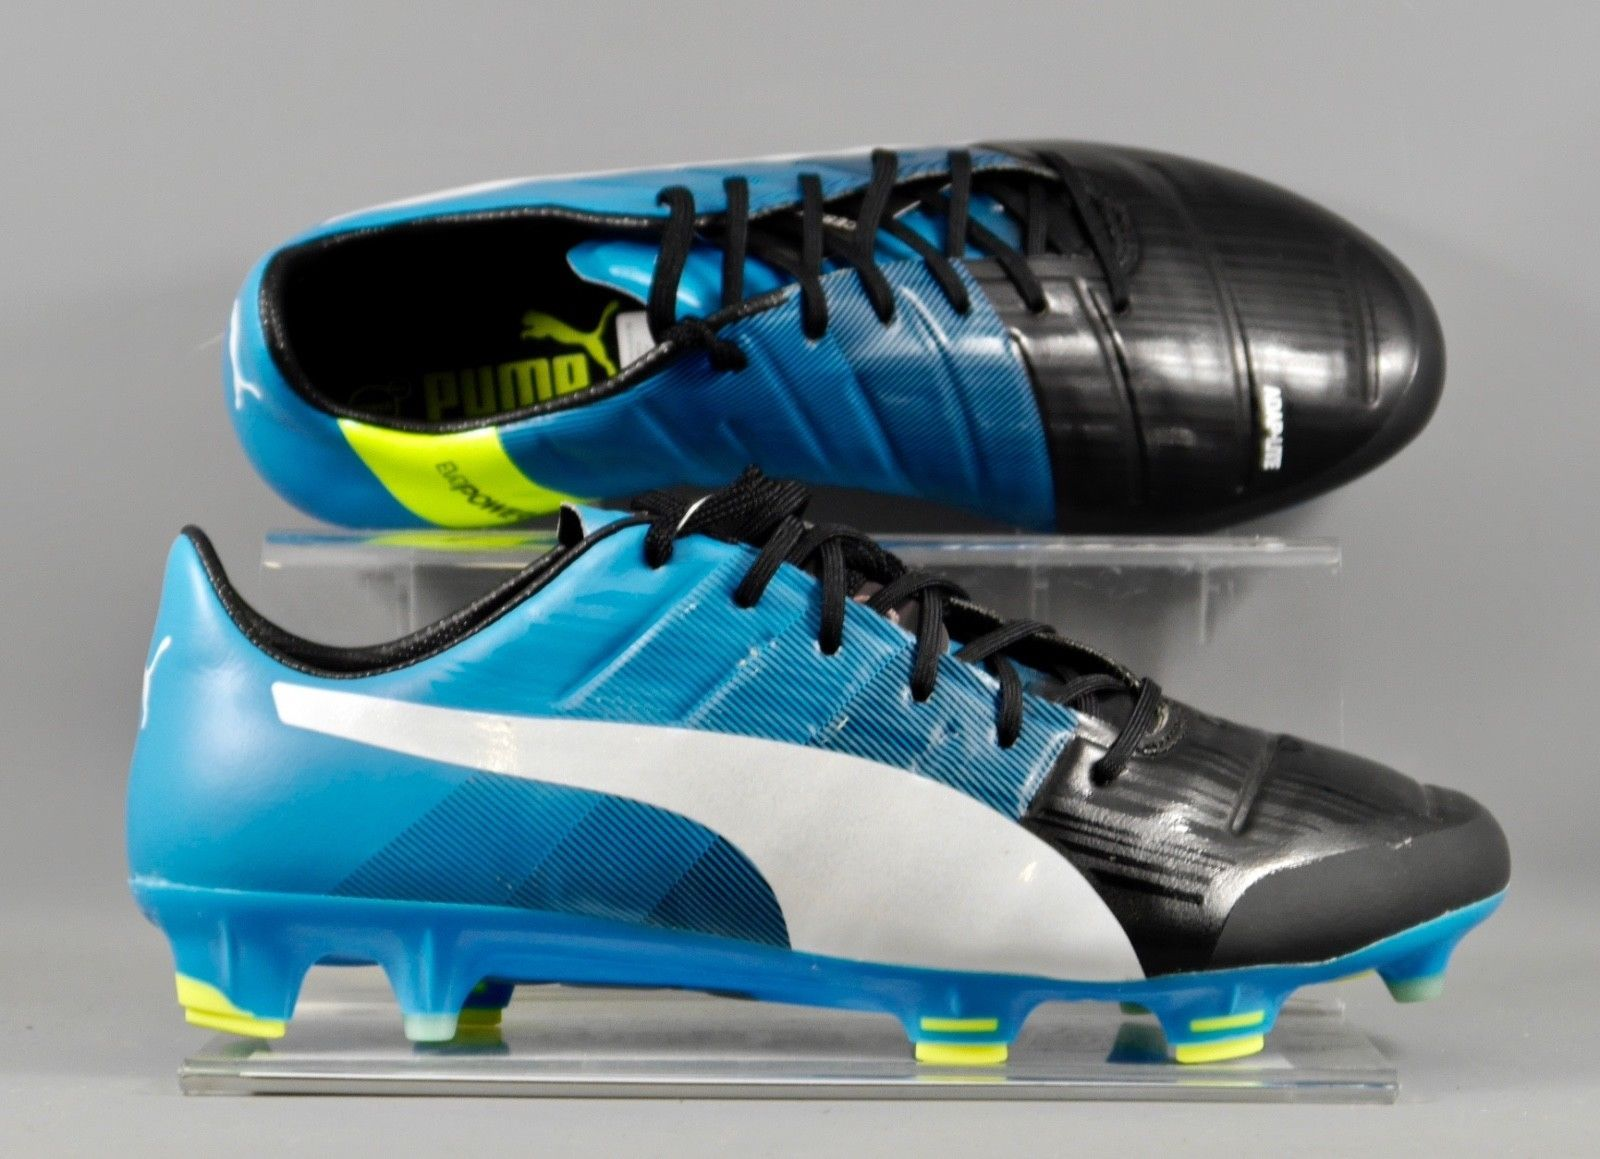 baa8a60f76d 103524-02 Puma EvoPower 1.3 FG , firm ground football boots ...